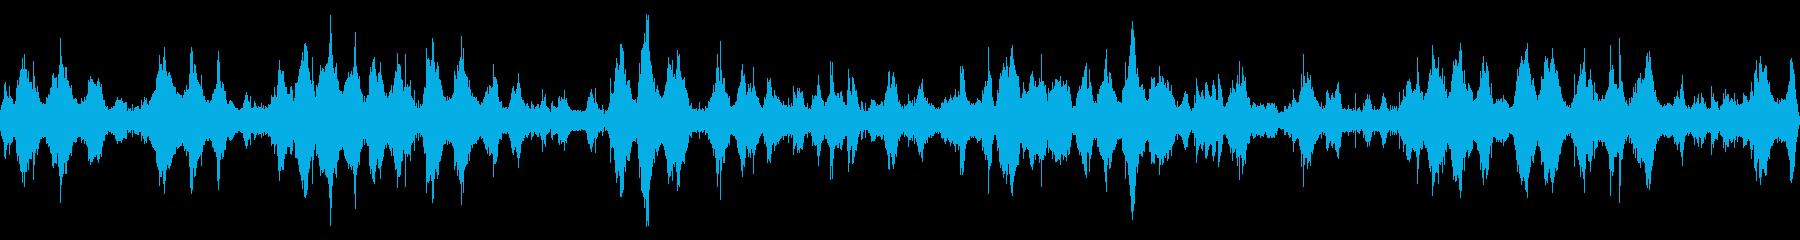 【四国最東端】パワースポット近くの波音の再生済みの波形